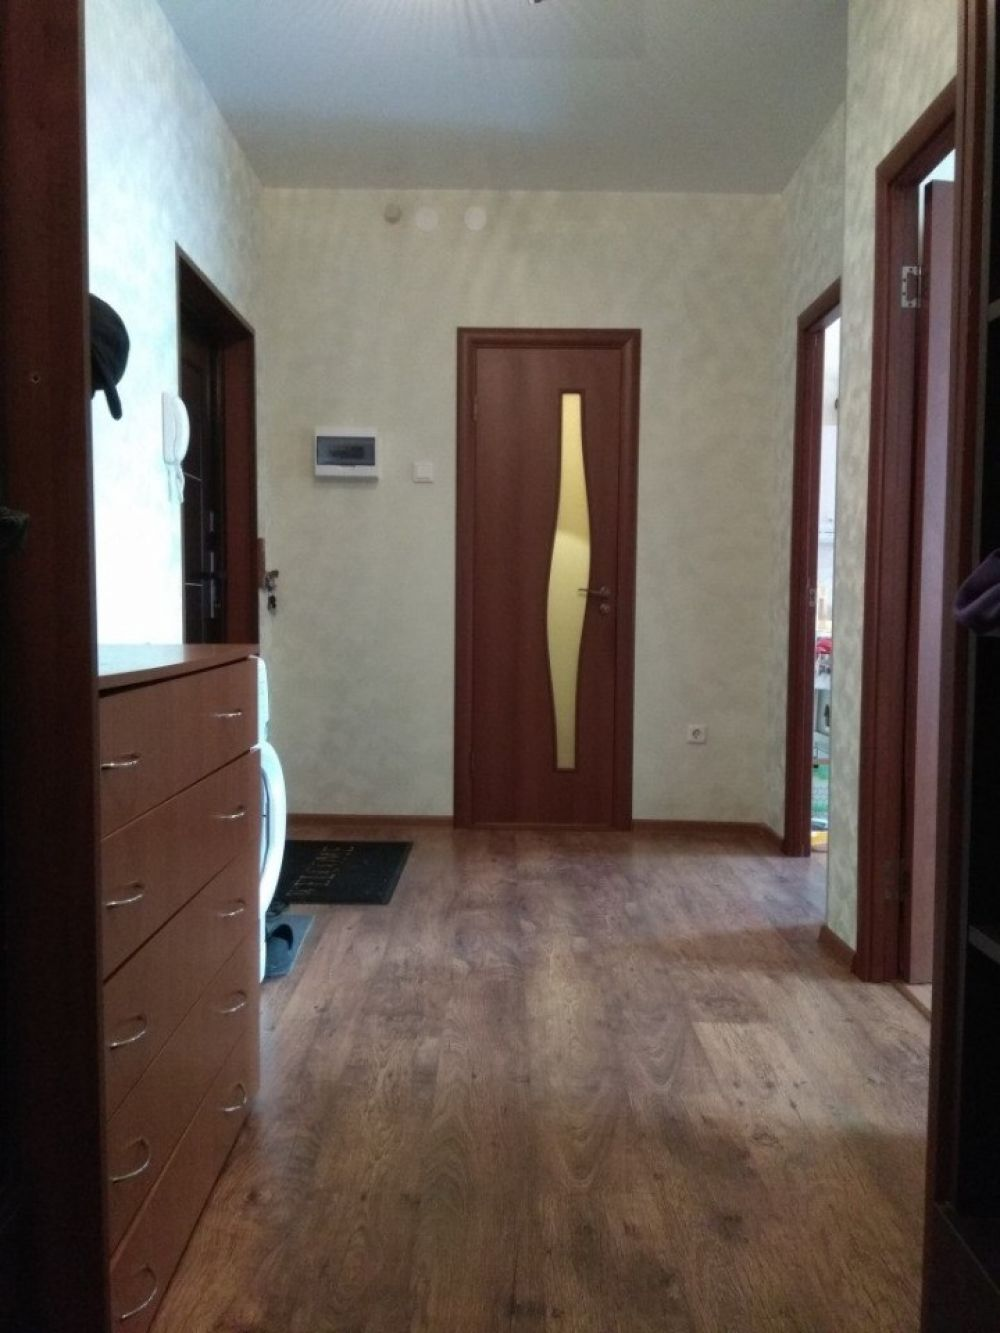 Однокомнатная квартира 44 м2, микрорайон Богородский д.1, фото 6